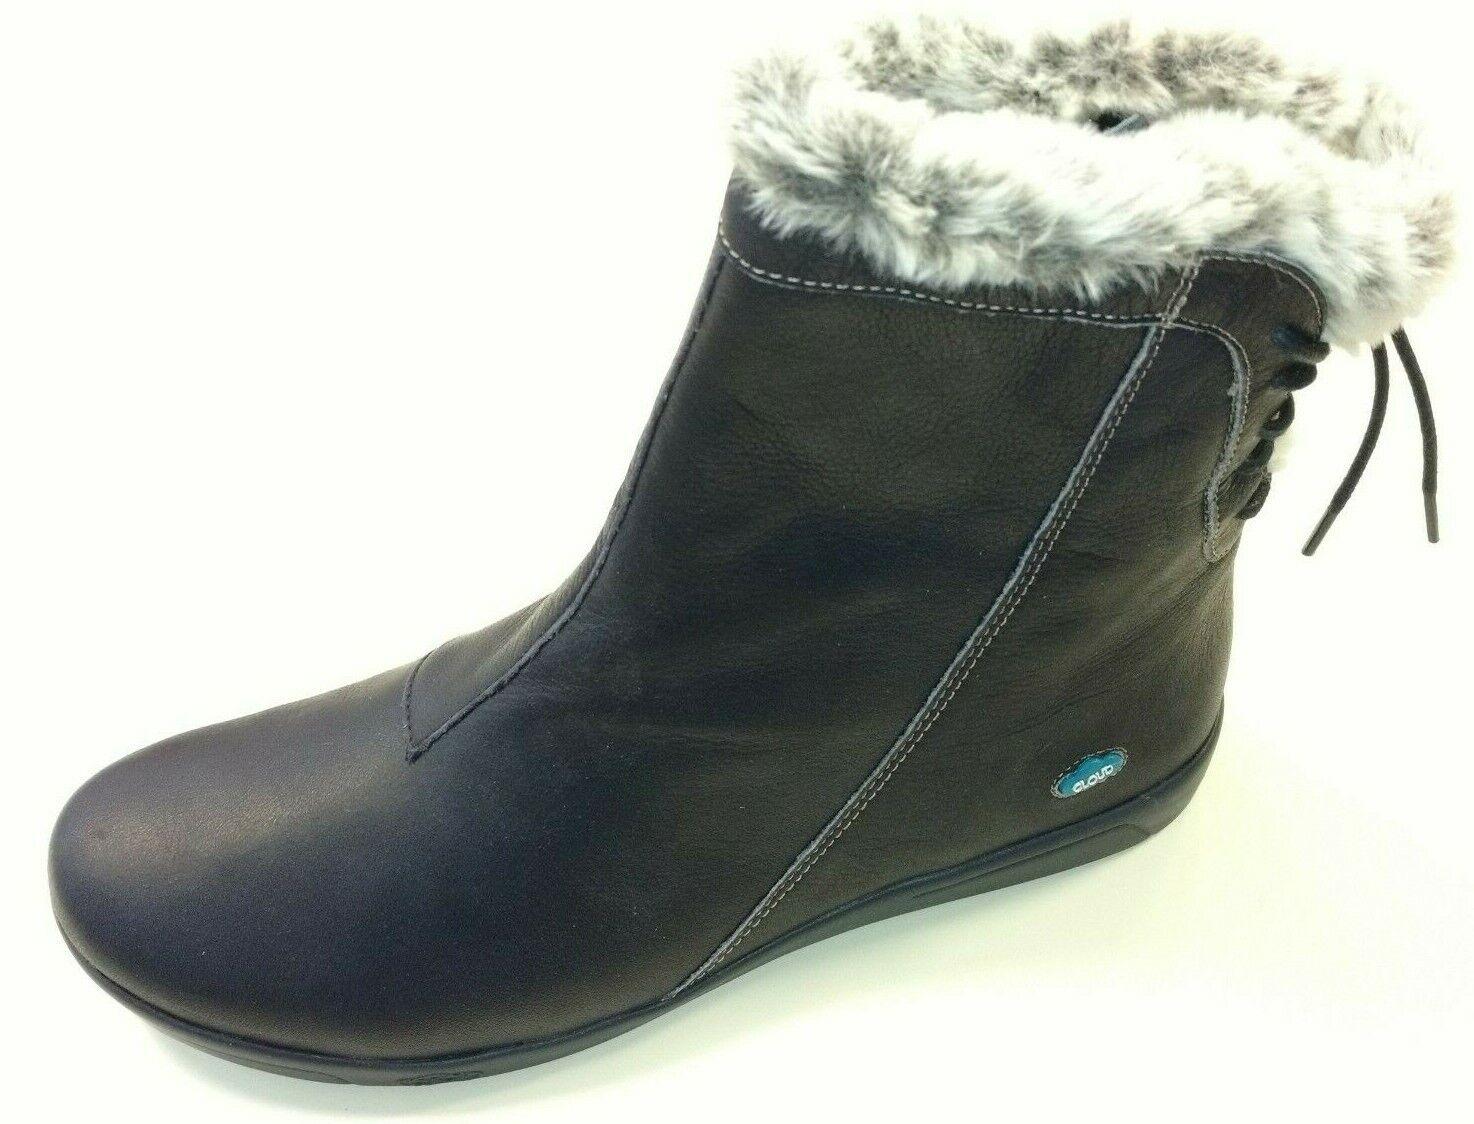 Schuhe Stiefel Stiefelette Damänner Cloud Aryana 9YeWHIDbE2